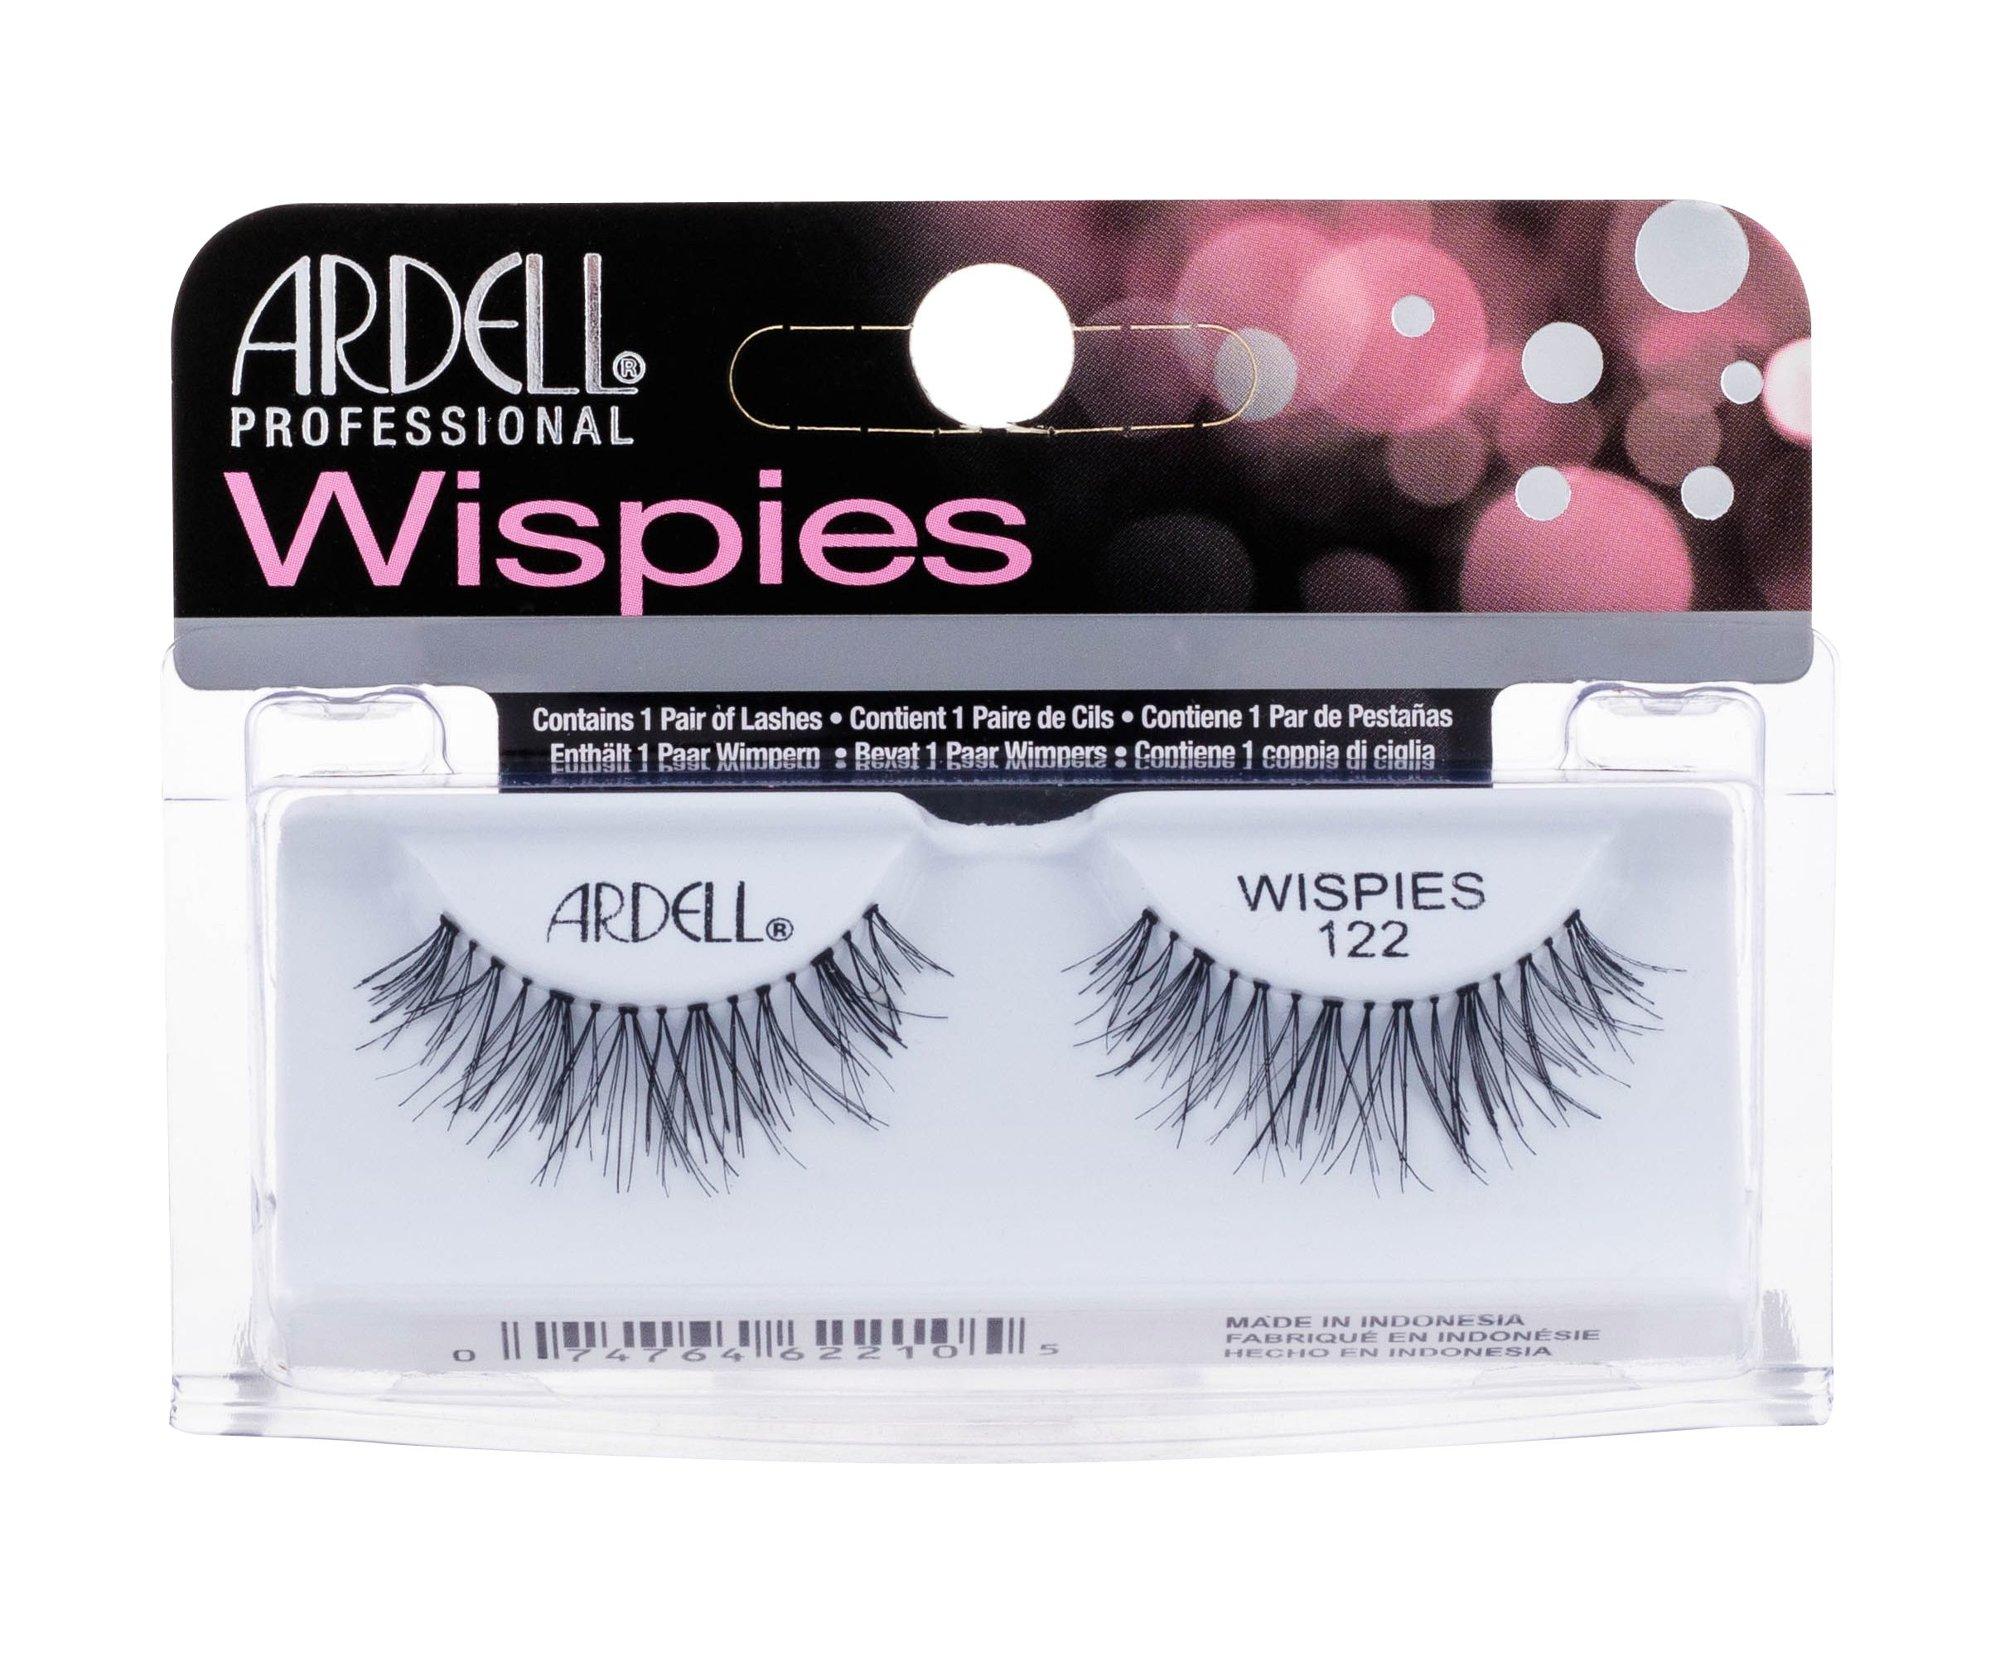 Ardell Wispies False Eyelashes 1ml Black